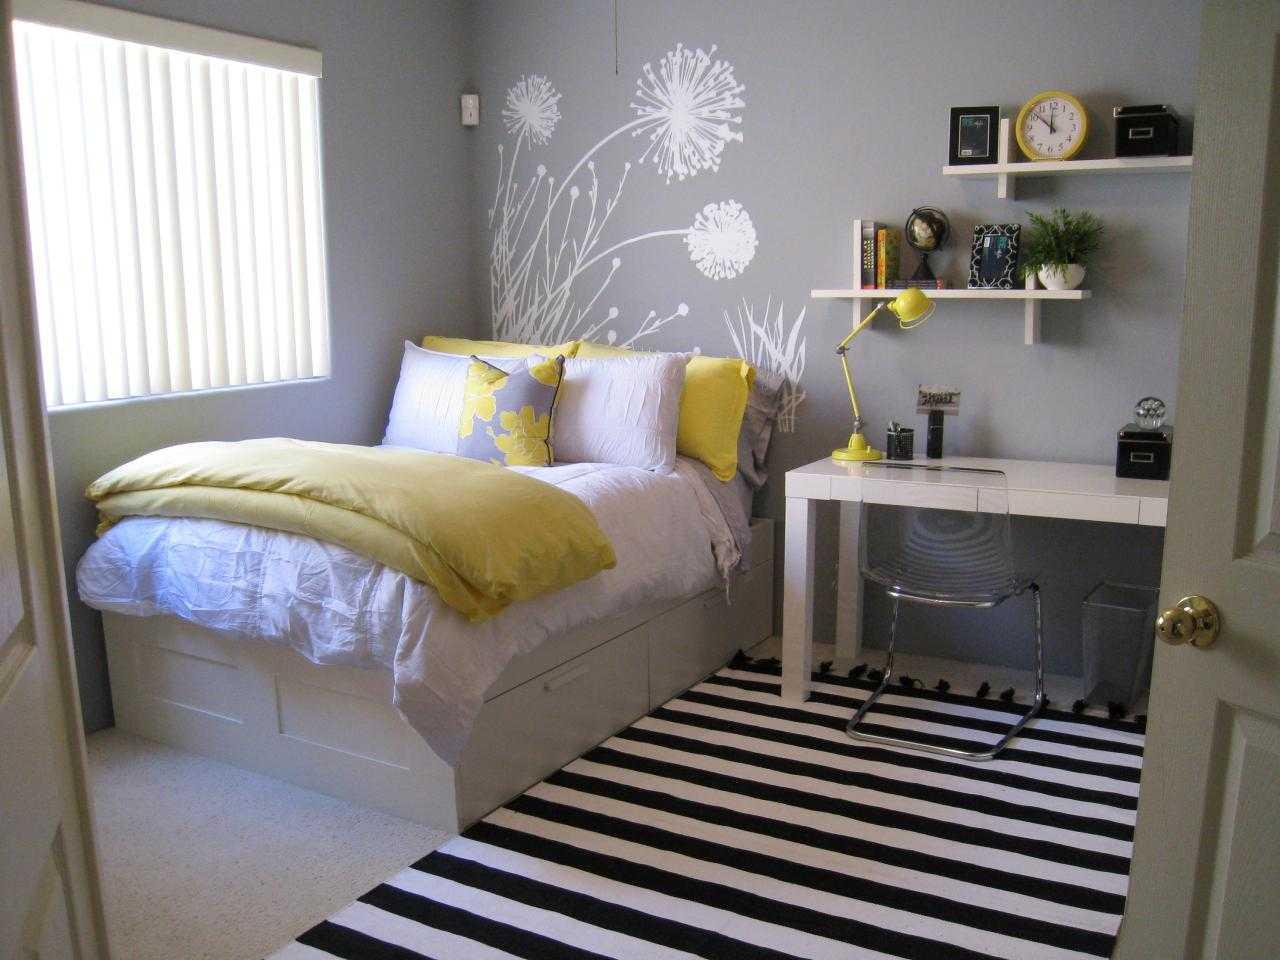 25 dise os que har n inspirarte para decorar tu habitaci n for Programa para decorar habitaciones